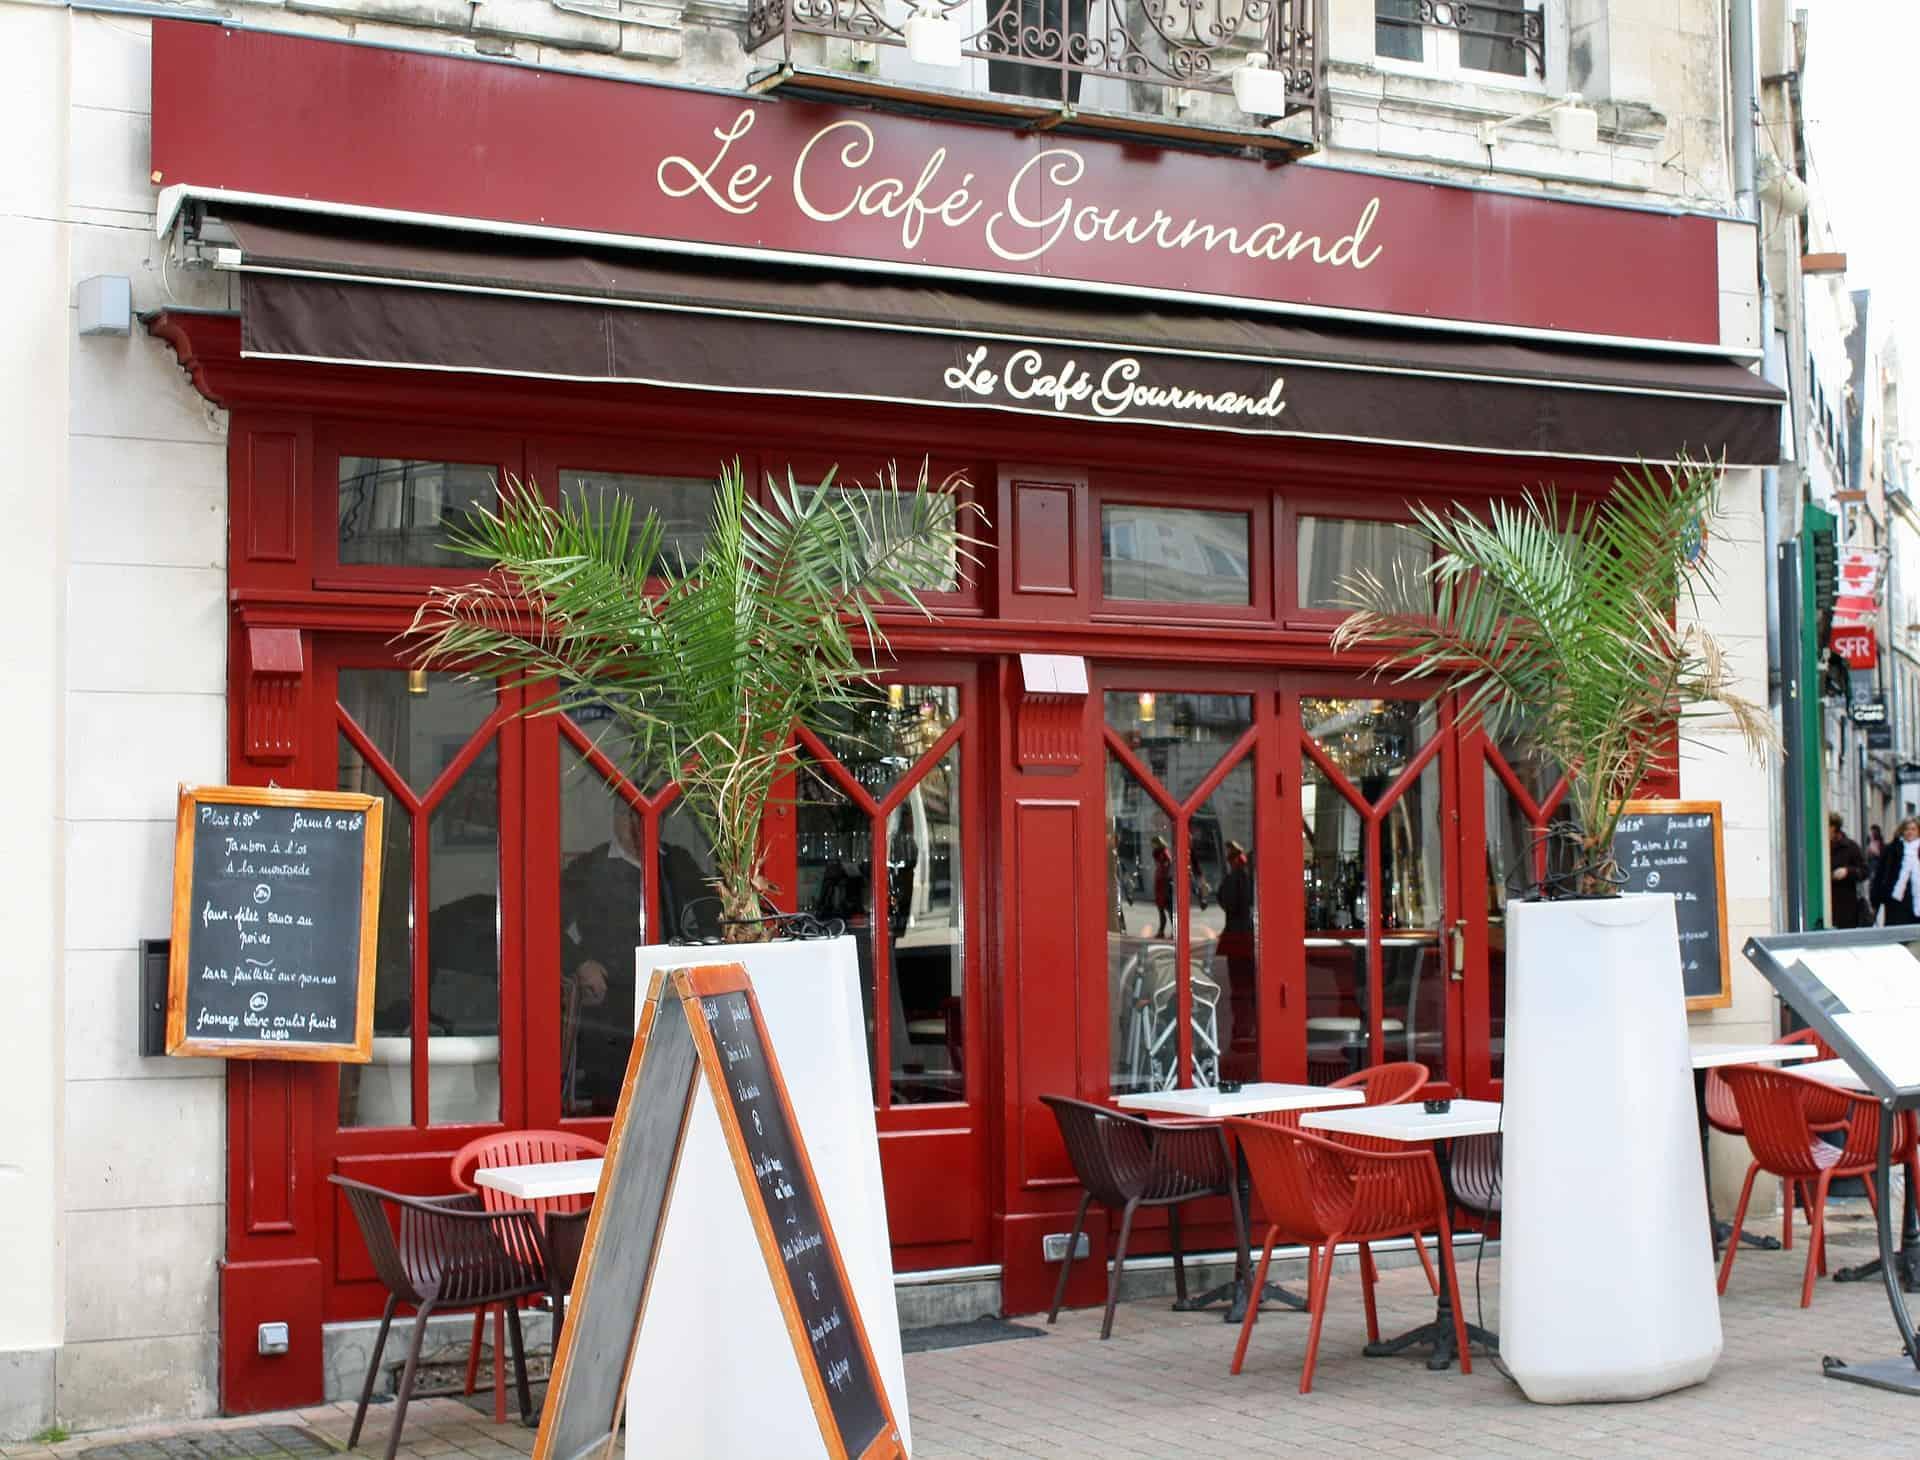 Cafe München Cafes Kaffee Munich Anschrift Infos